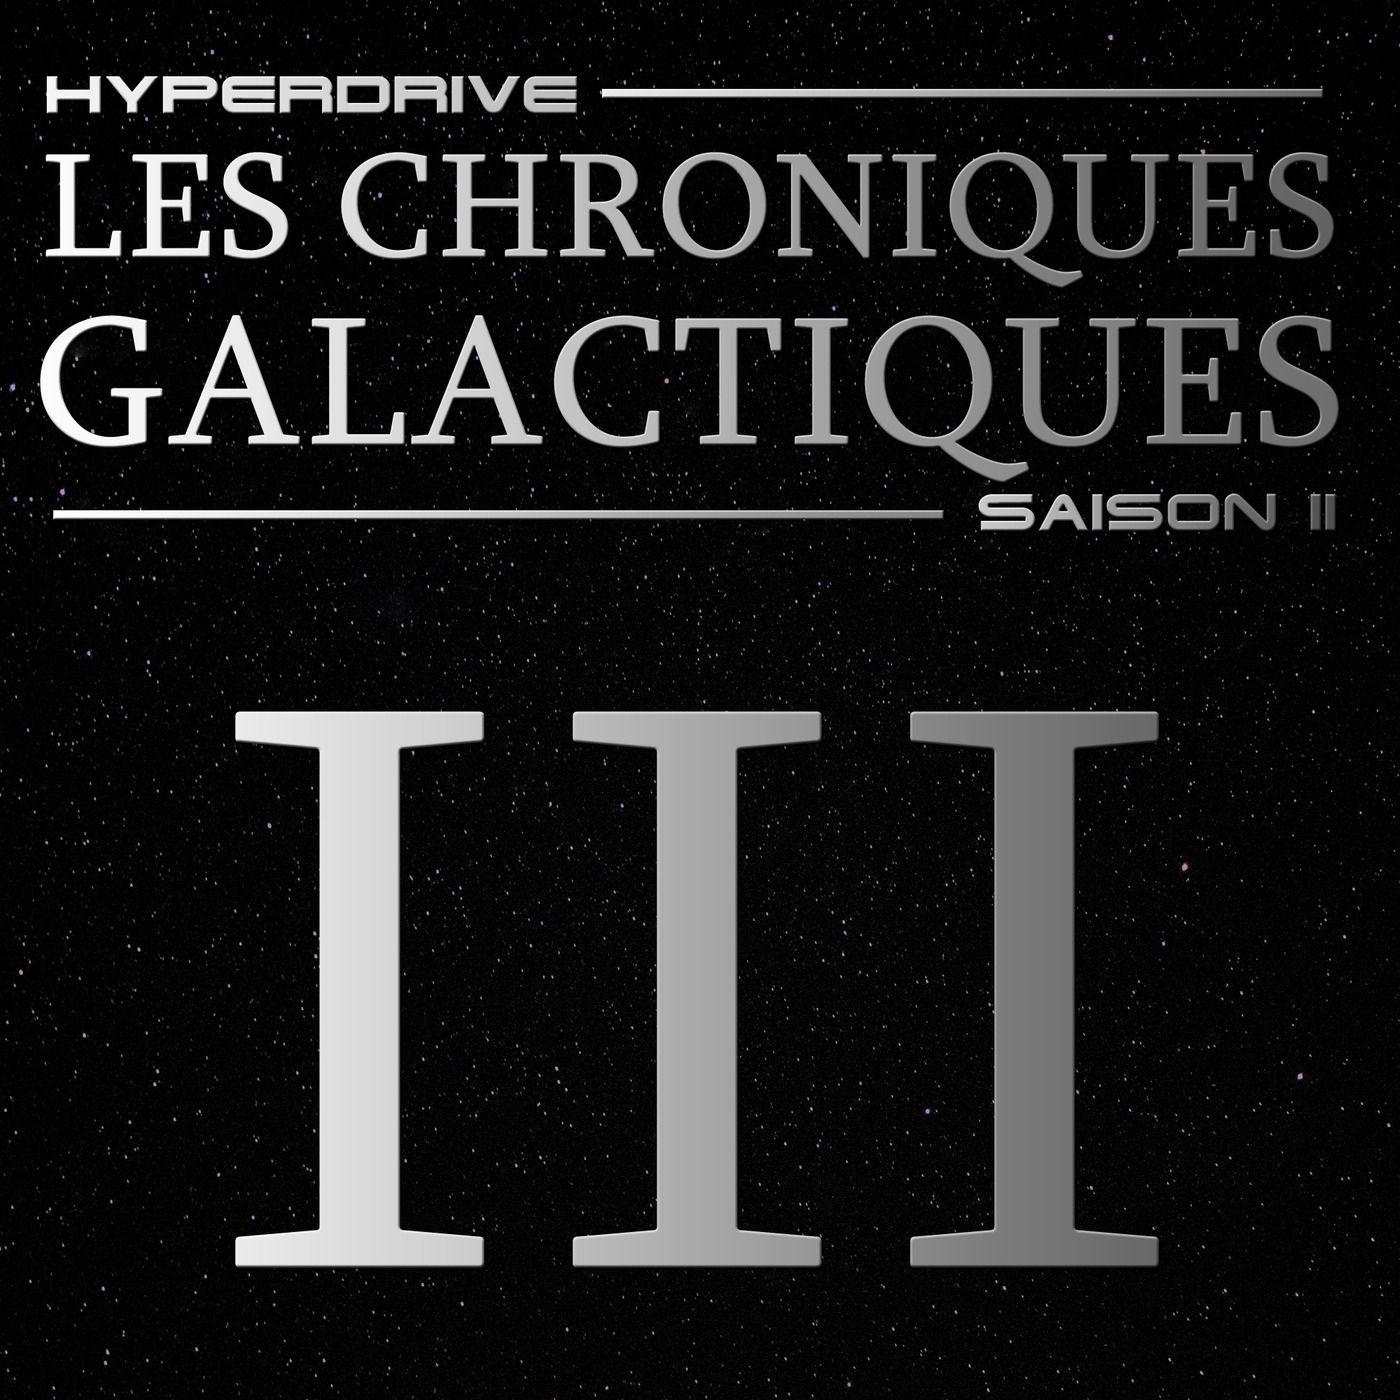 Chroniques Galactiques - S02 - Episode 3/7 - Pour la bonne cause